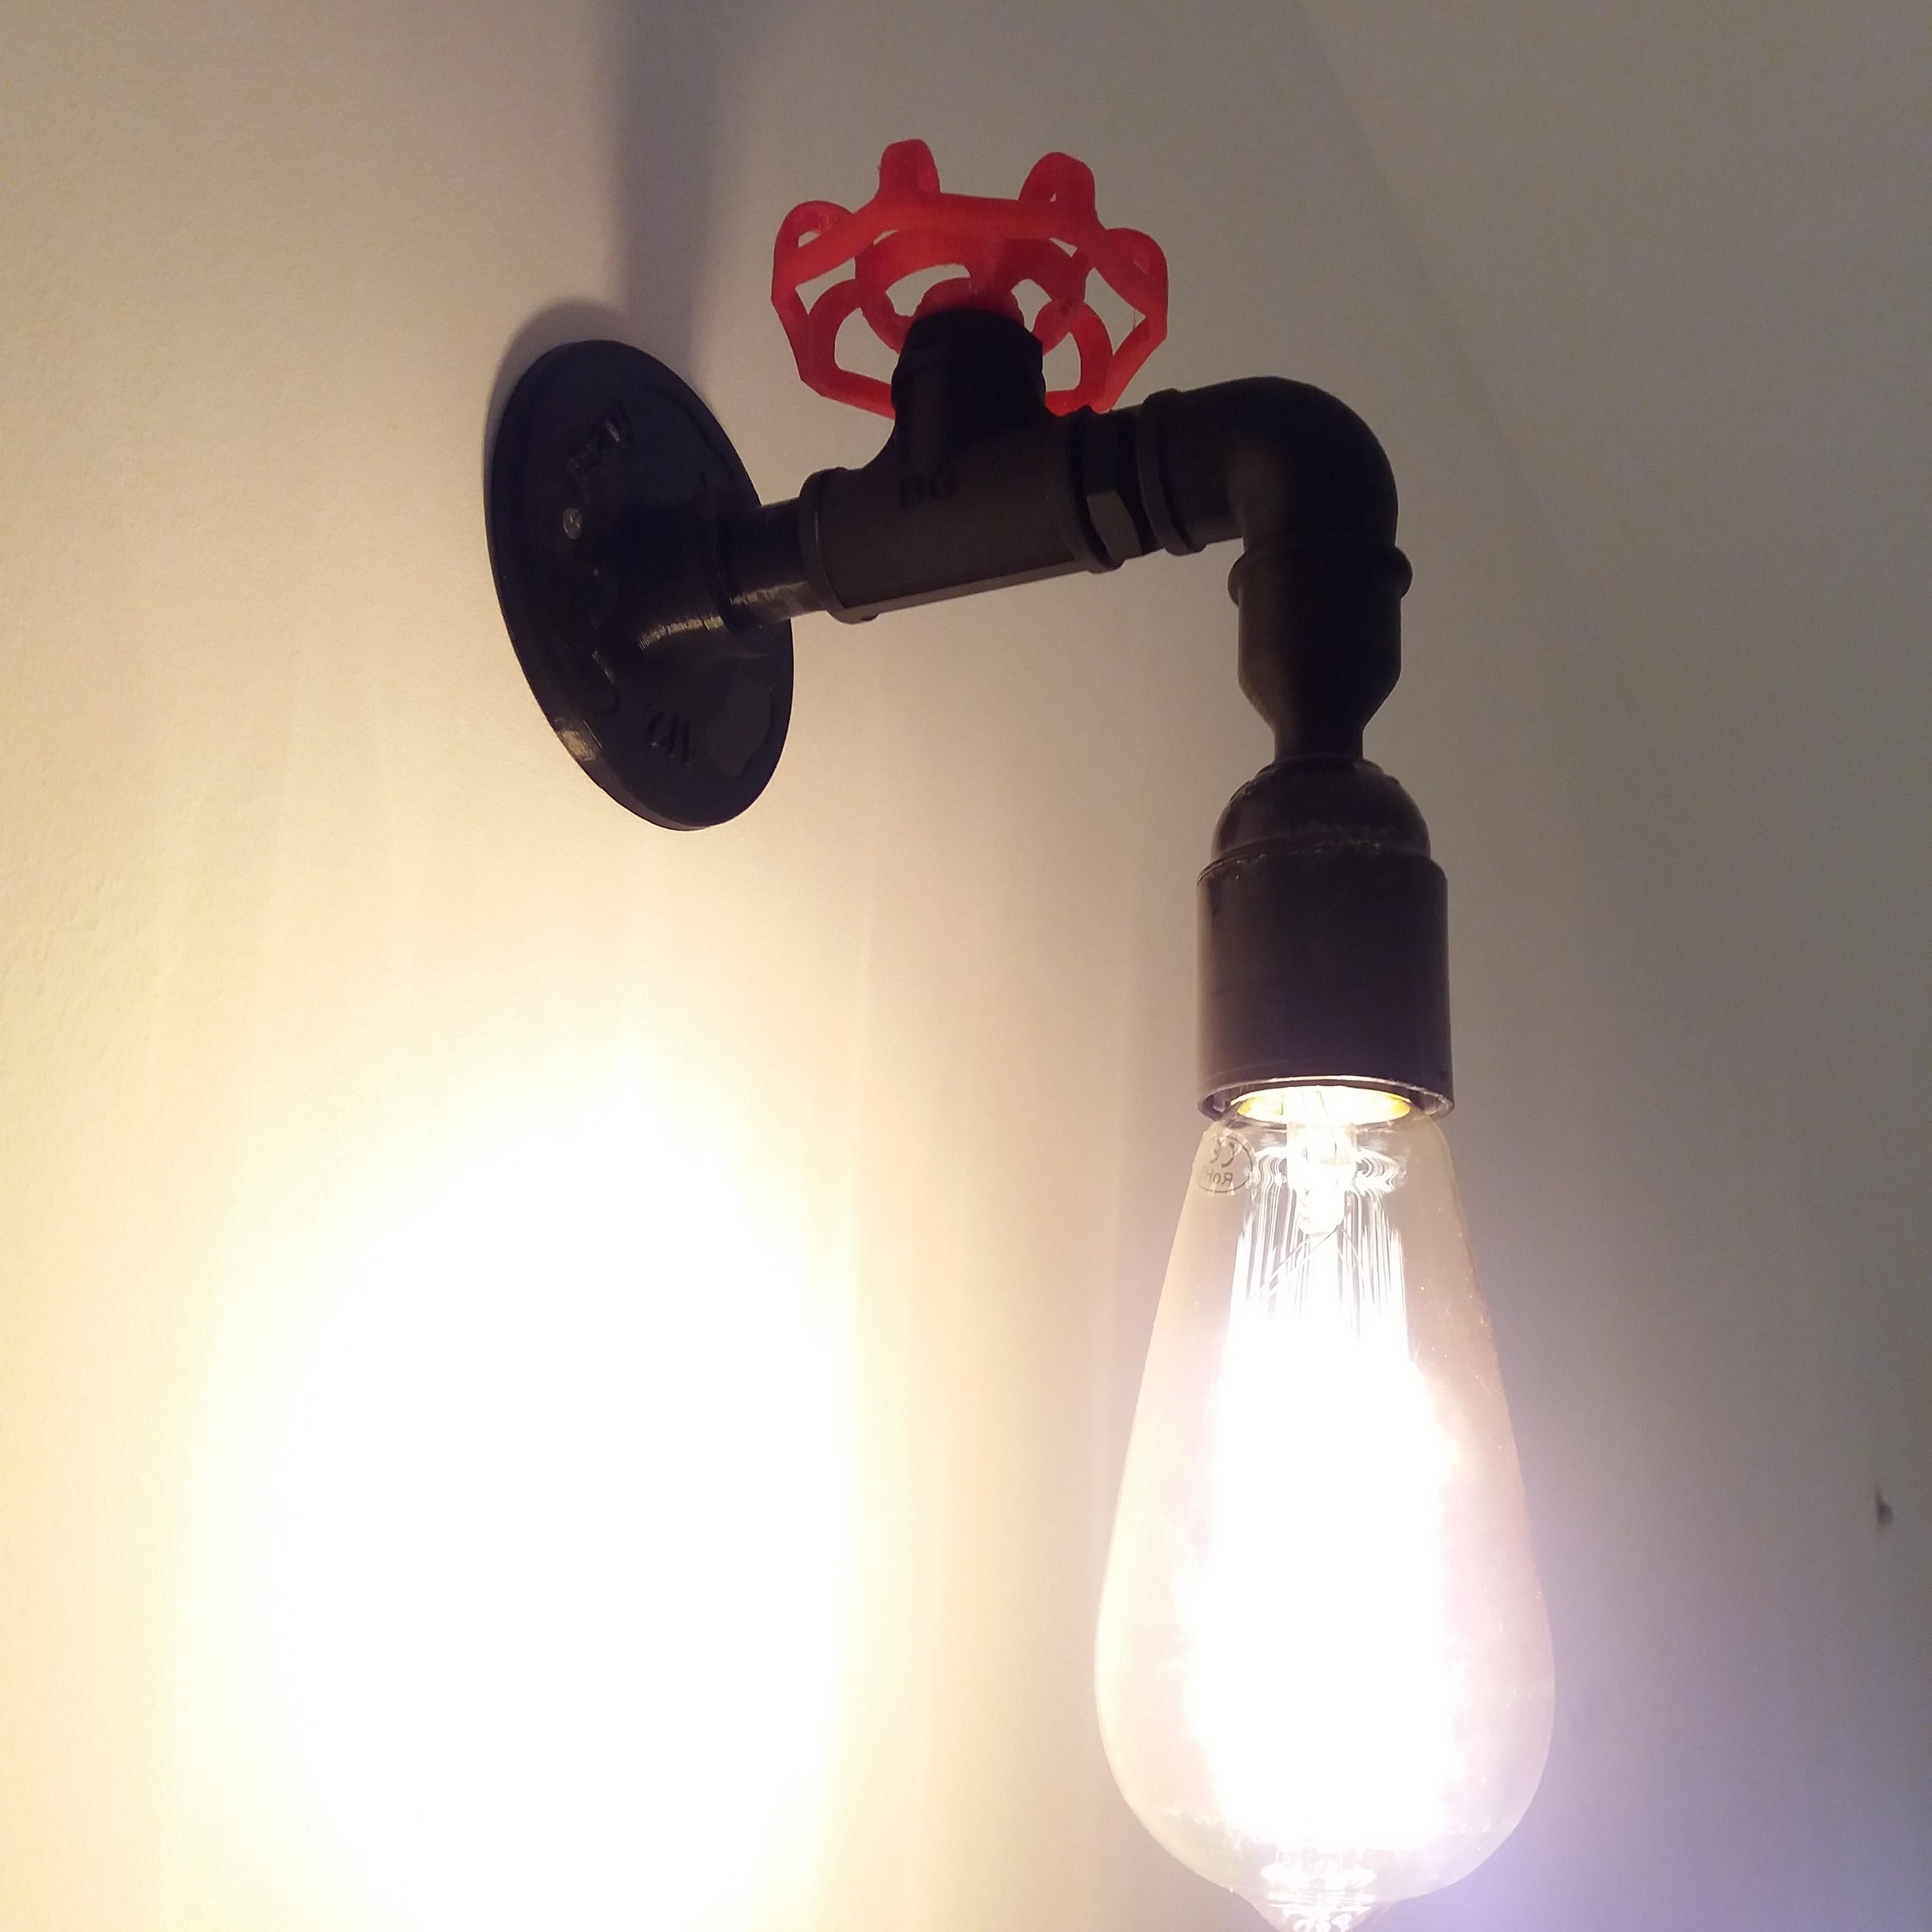 Applique au mur.jpg Download free STL file Wall lamp, Lamp, fittings, Decoration. • 3D print template, gerbat